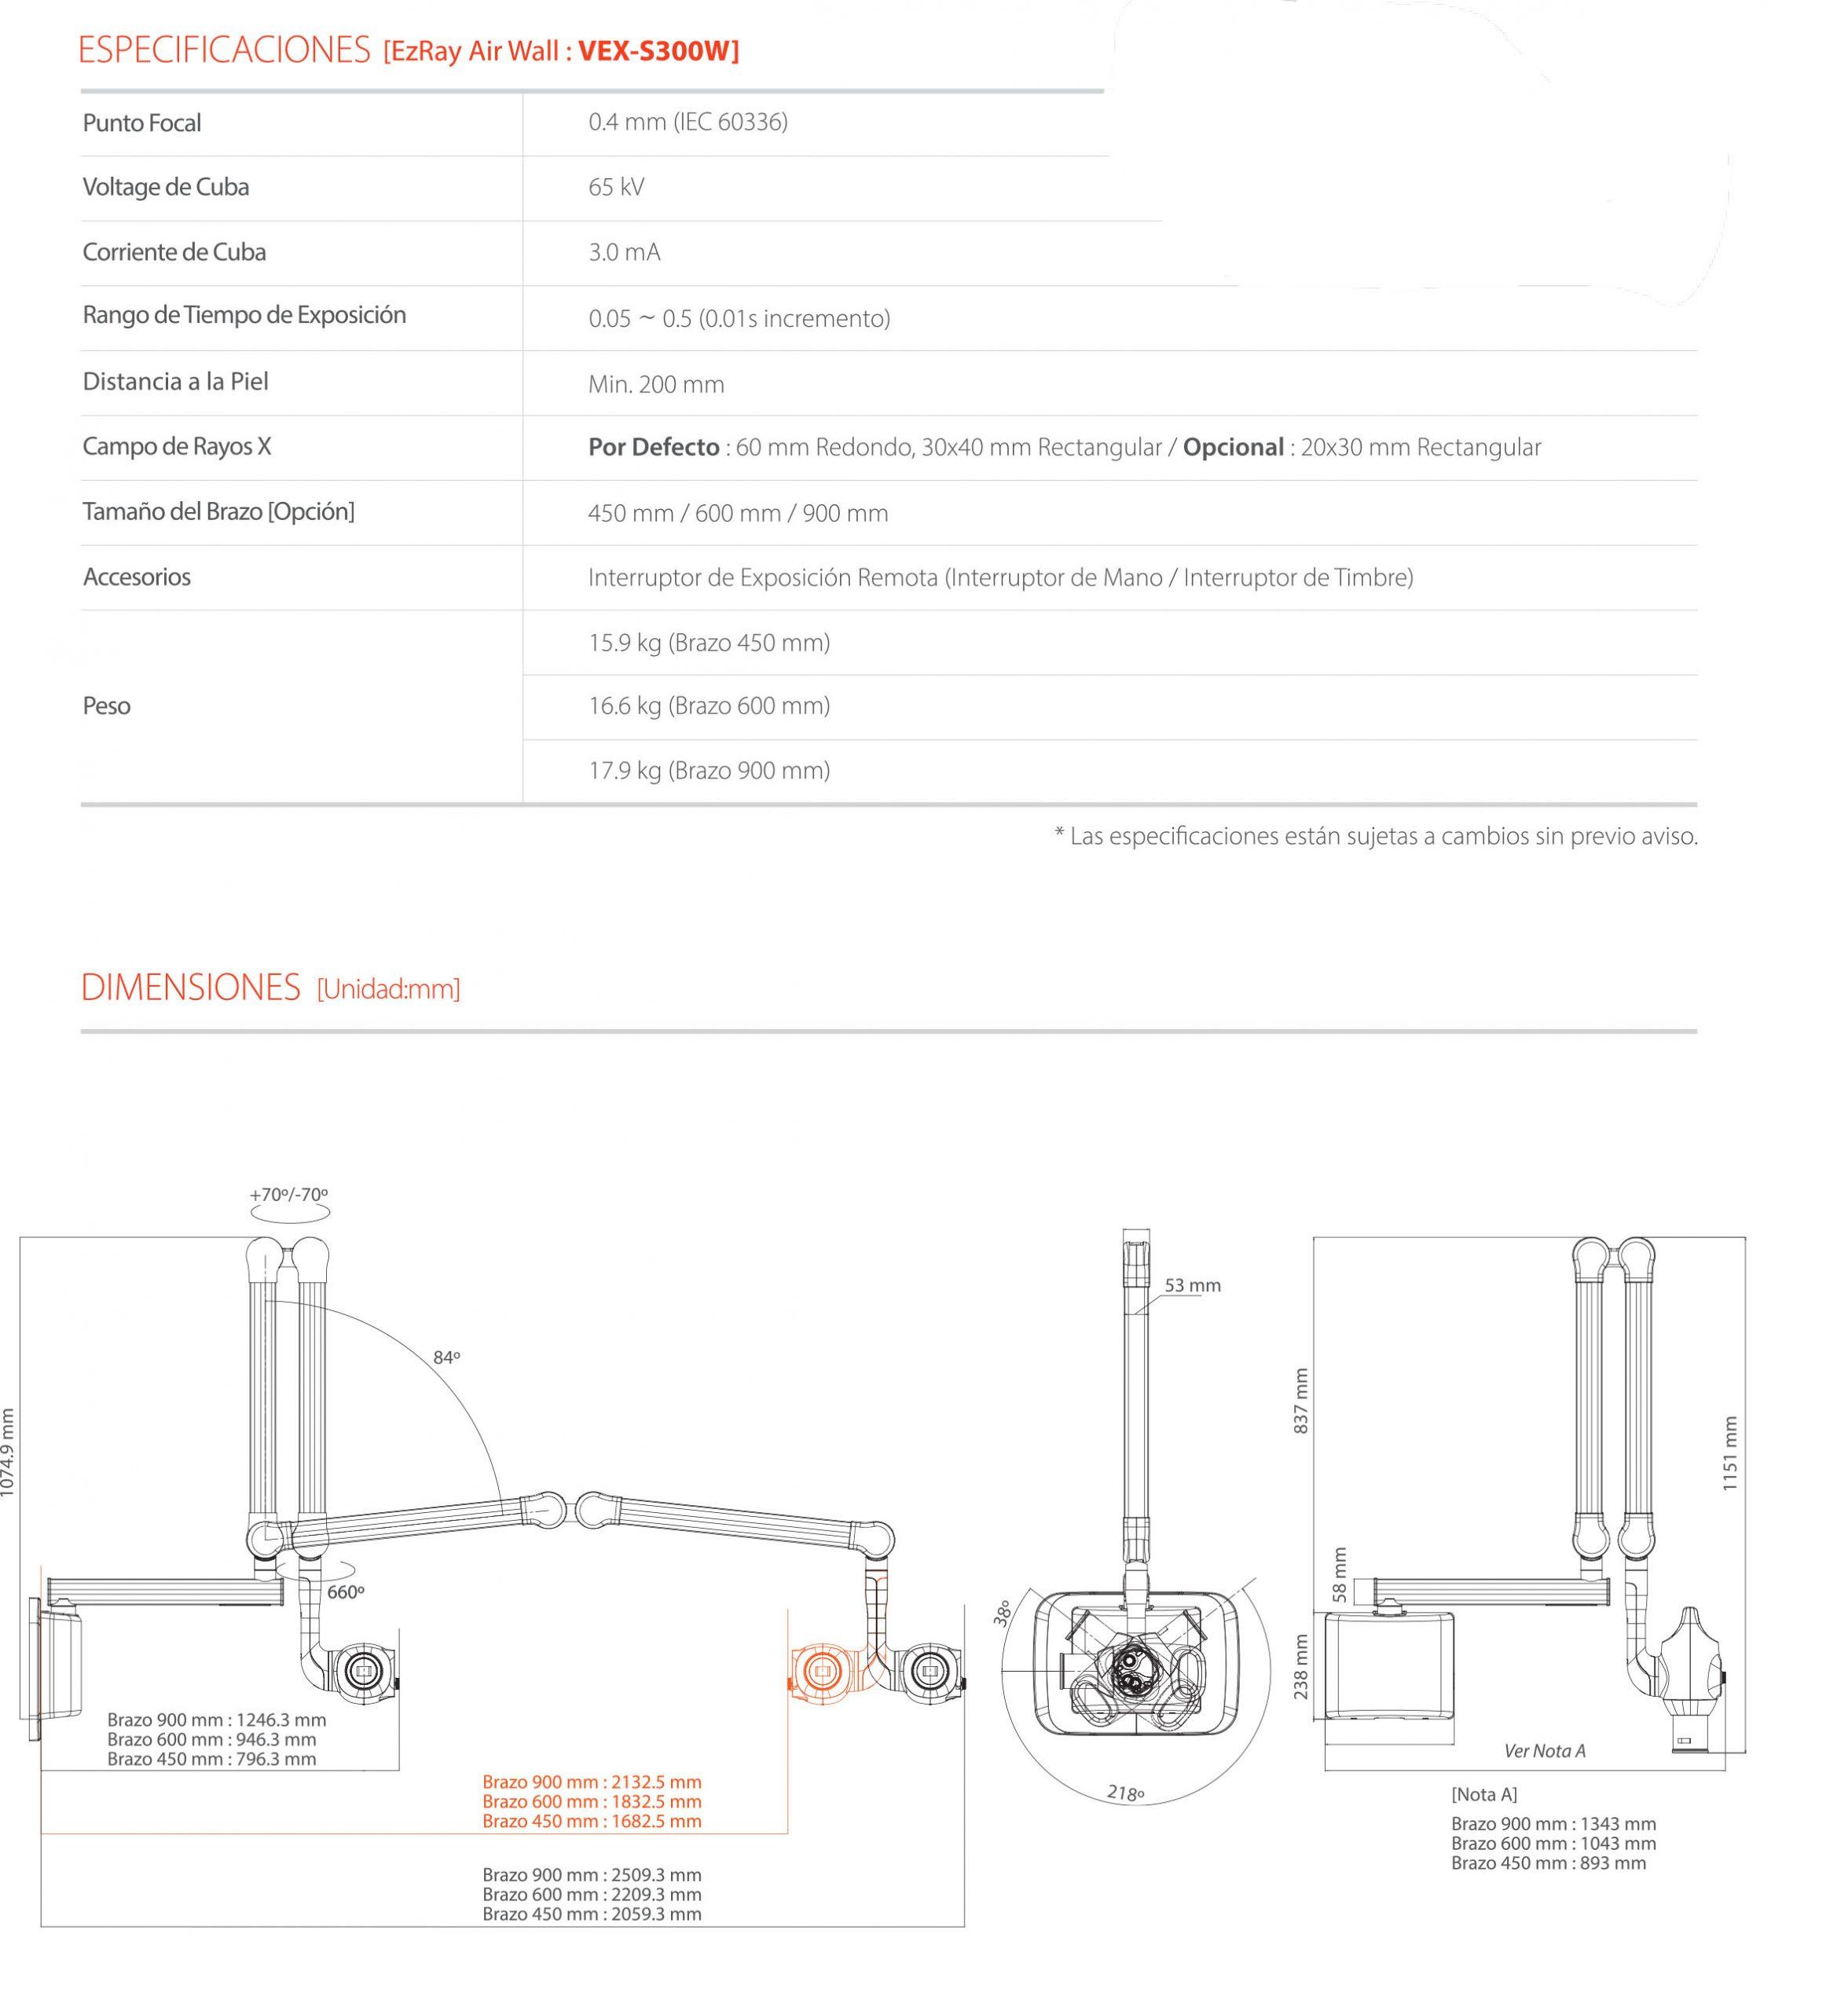 Especificaciones y dmensiones de nuestro Rayos X intraoral EzRay Air Wall